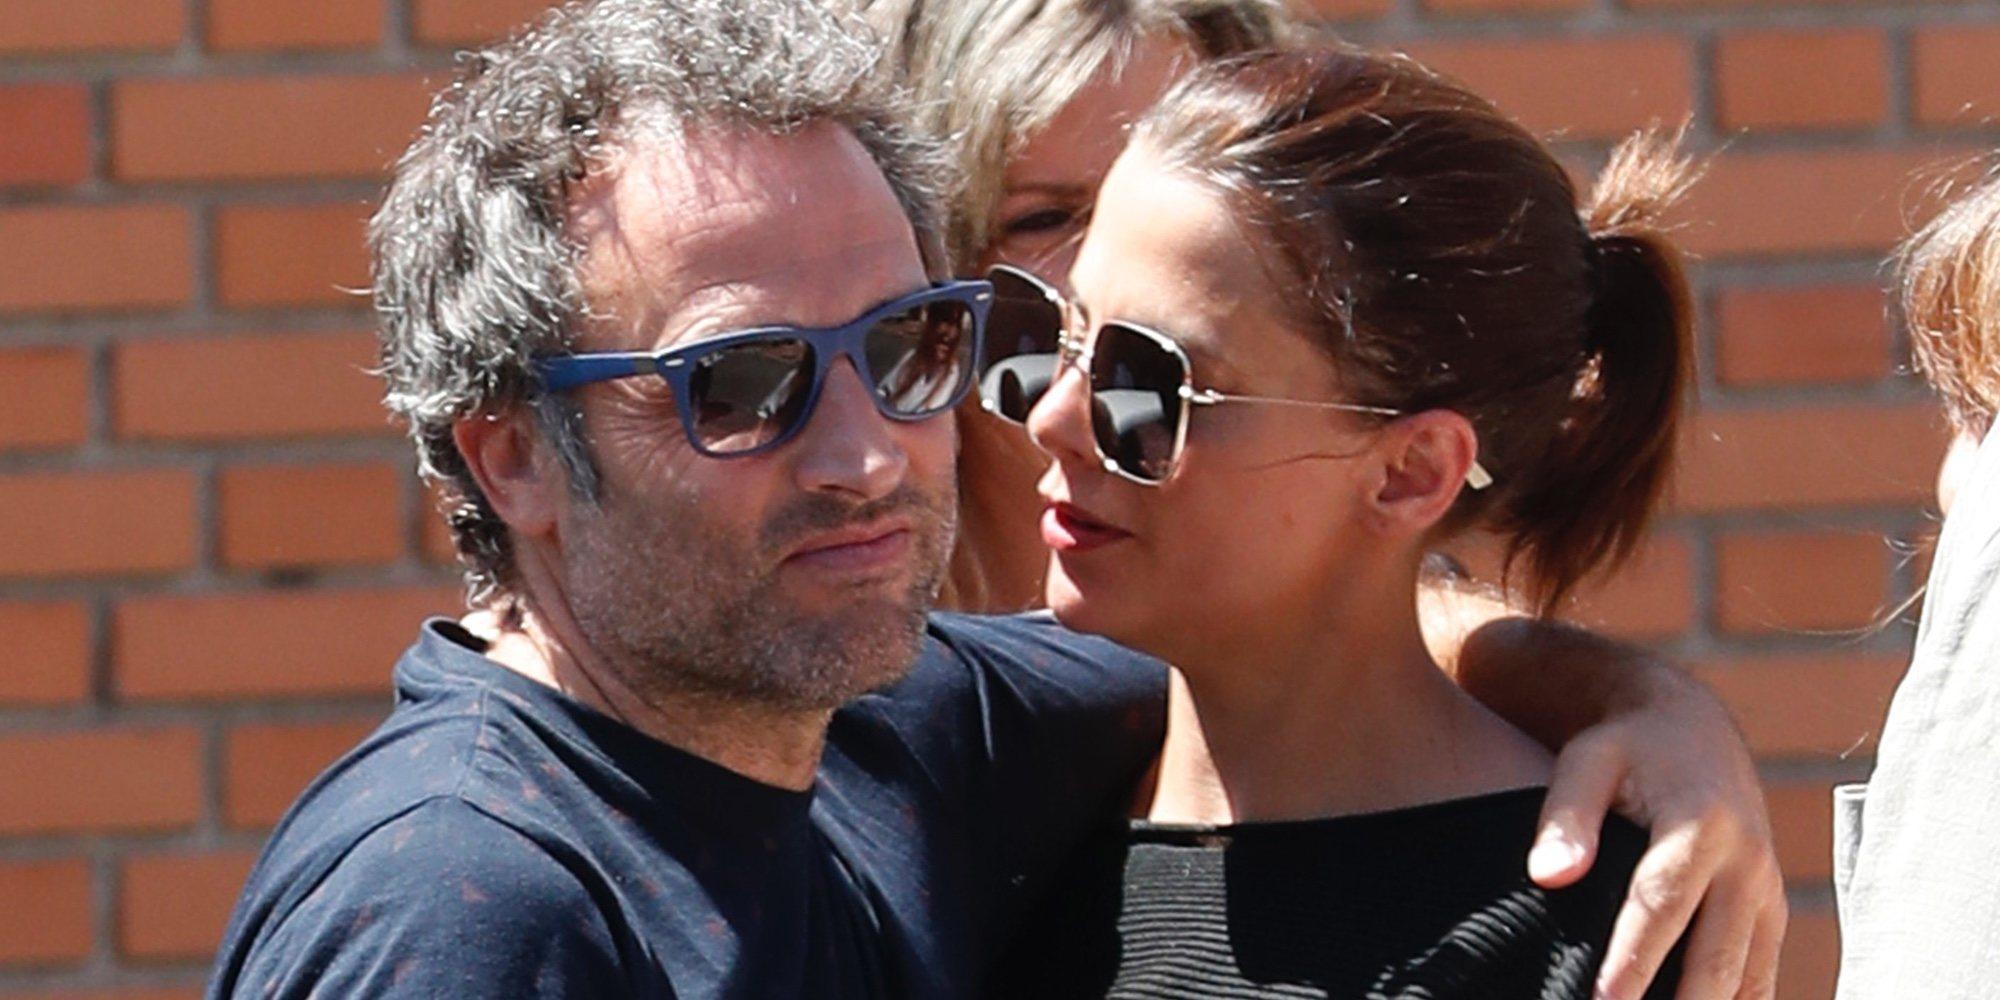 Macarena Gómez y Daniel Guzmán se despiden de Eduardo Gómez por última vez en su funeral